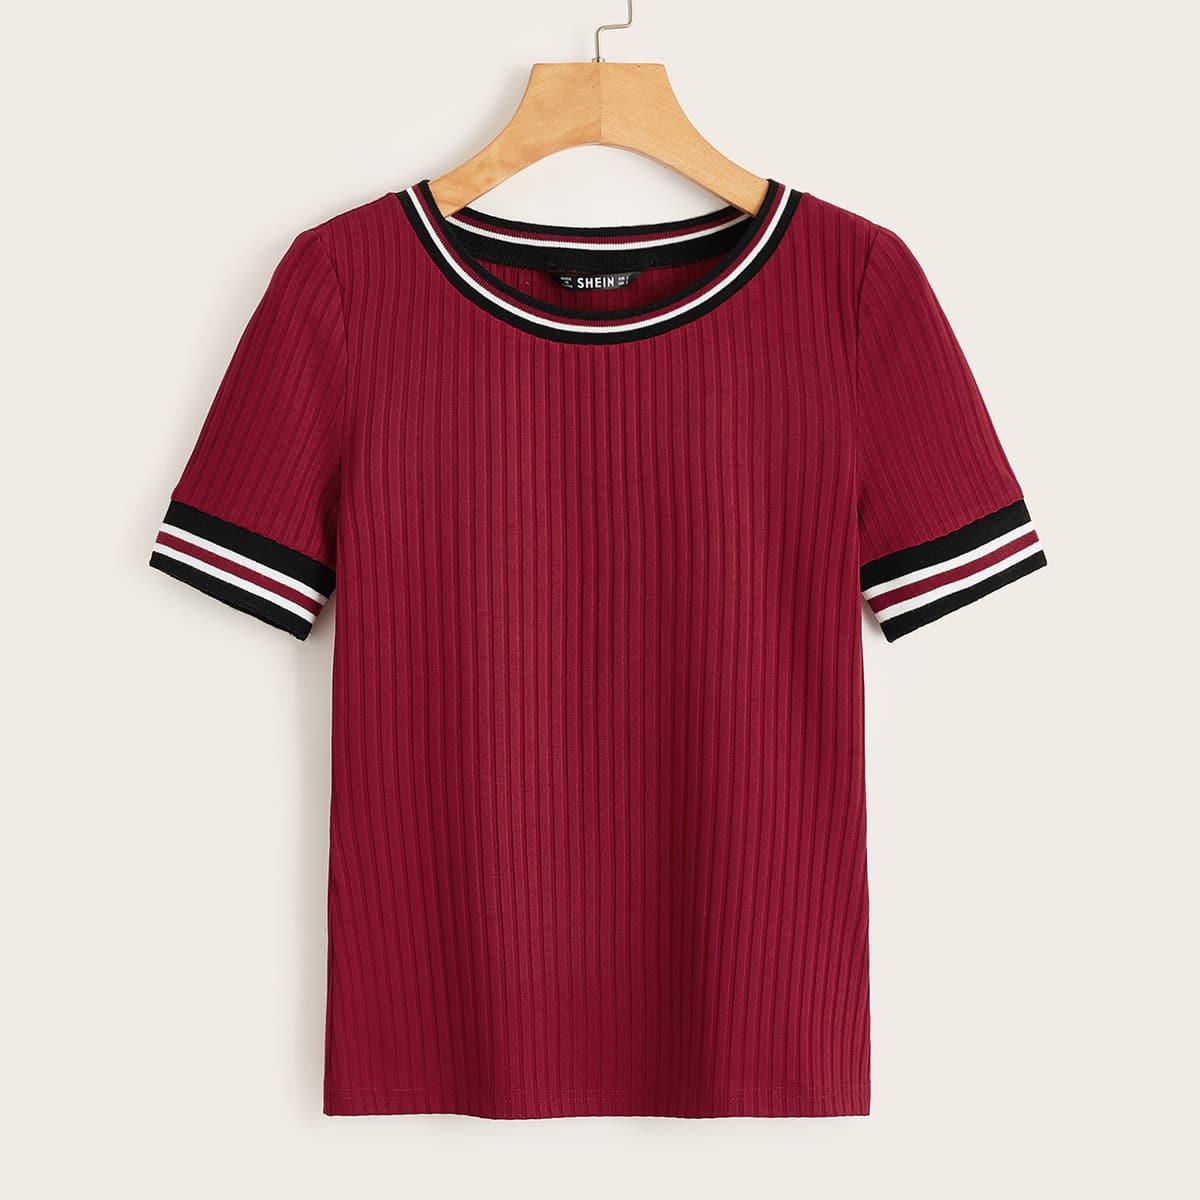 Трикотажная футболка с полосками